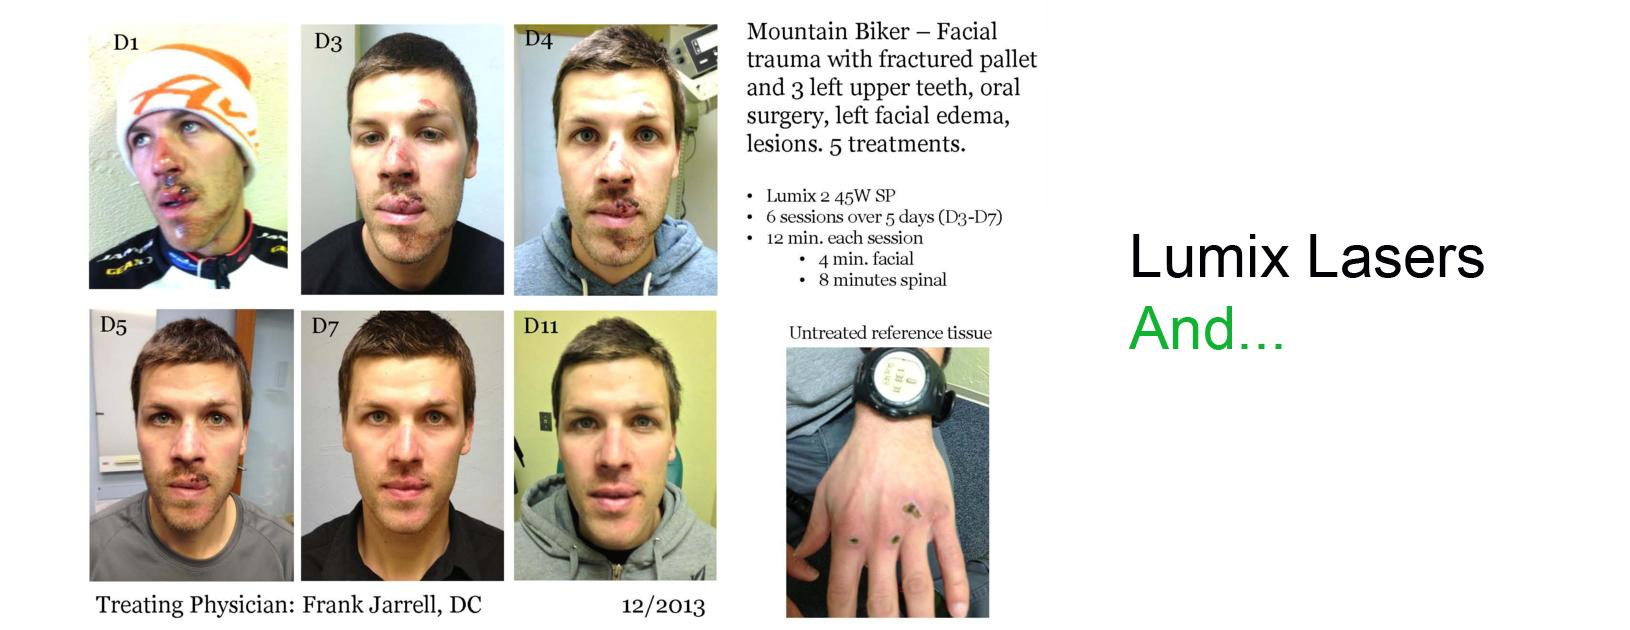 Lumix Laser & SRA Wound Healing